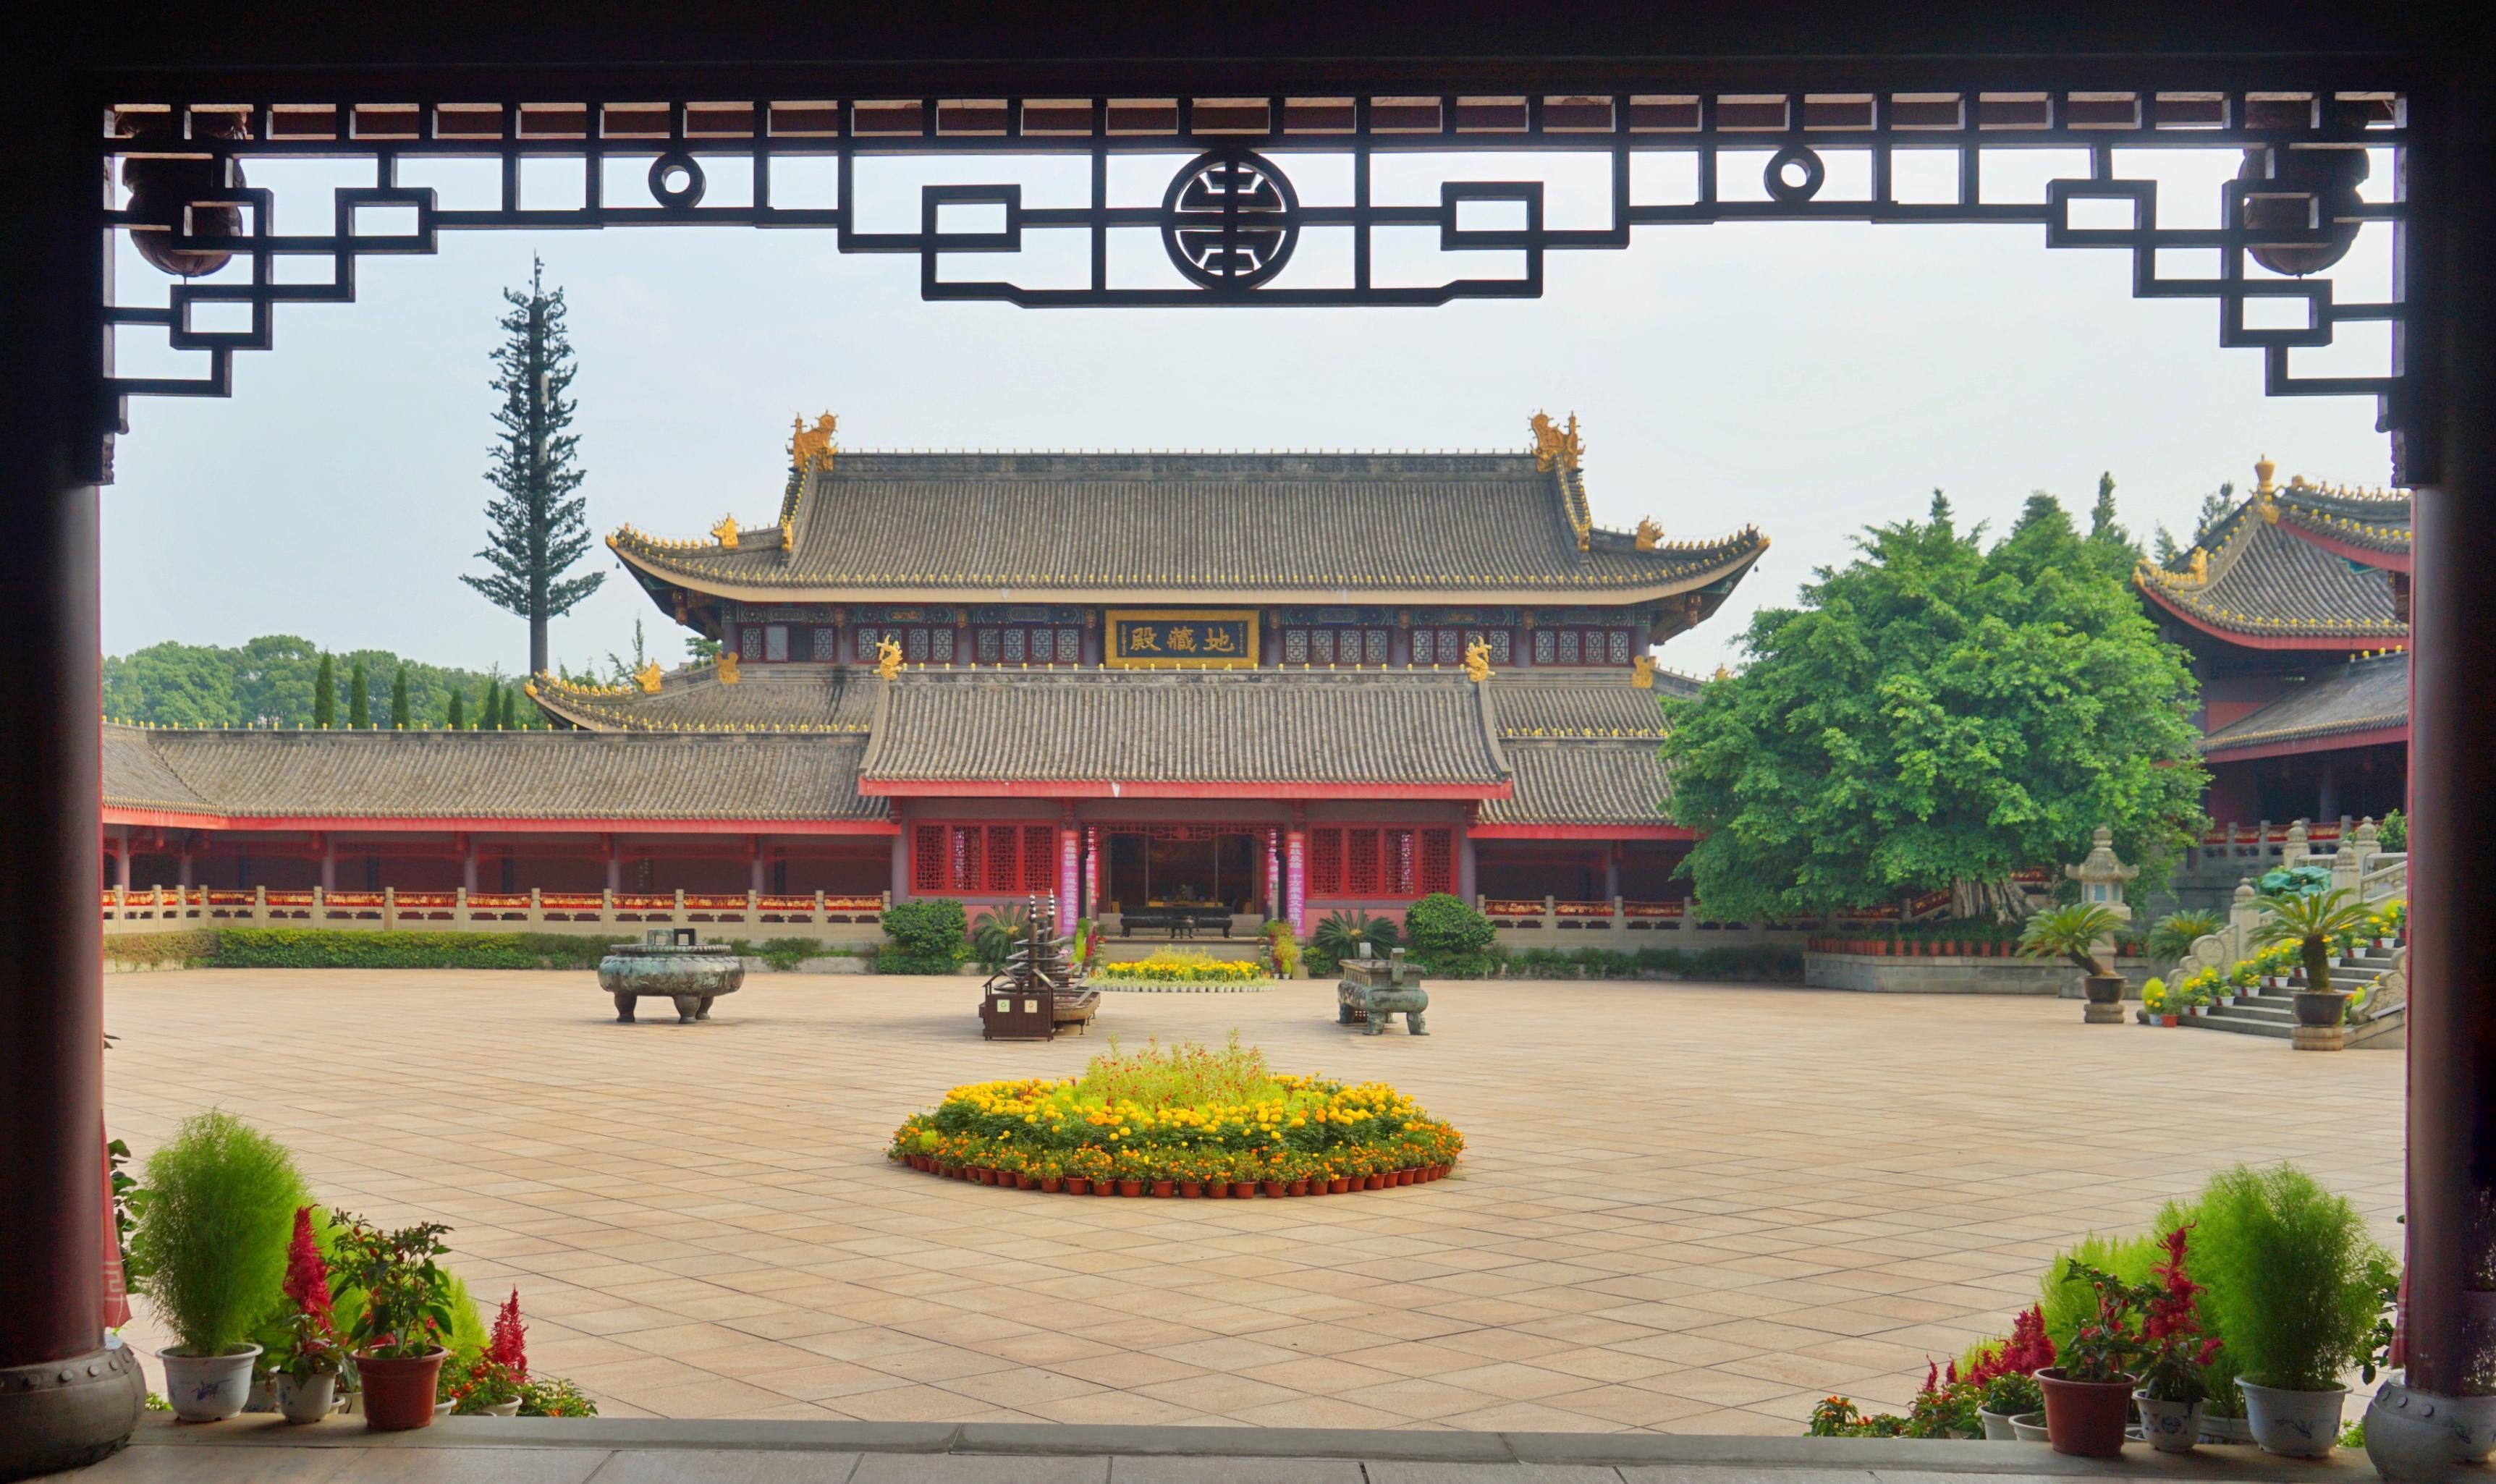 我国最高的佛寺_大佛禅院:我国最大的寺院 身居闹市却置身世外_搜狐旅游_搜狐网